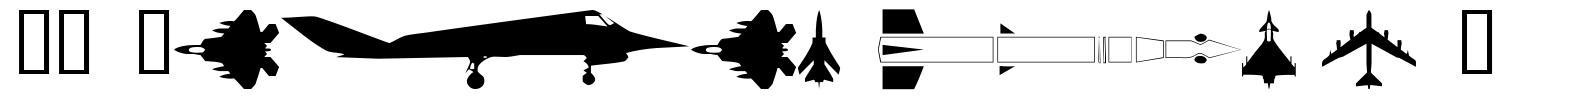 WM Military 1 font